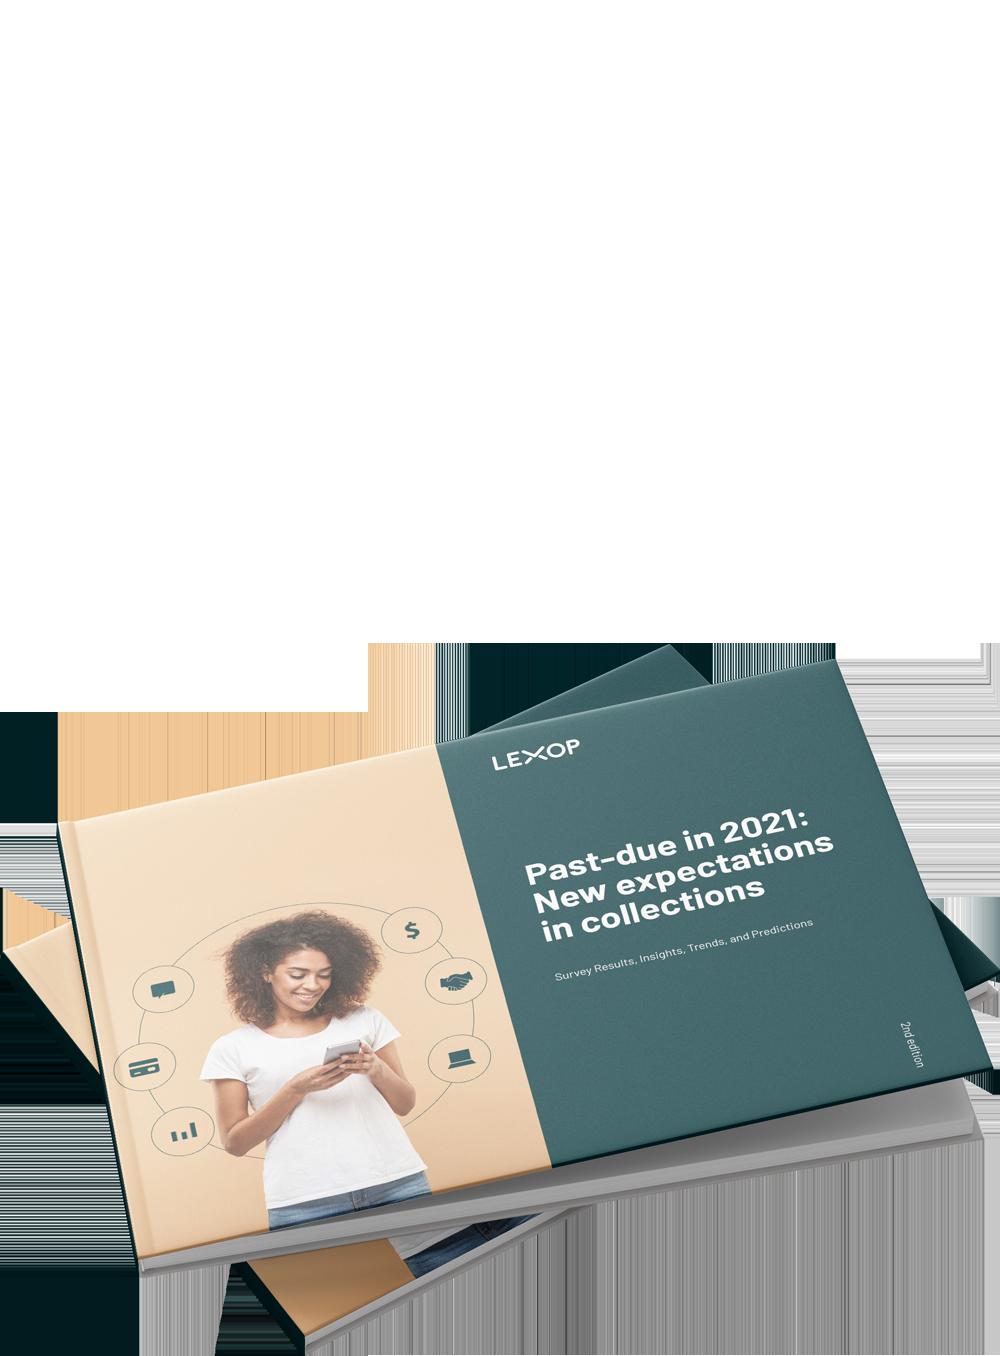 ConsumerSurveyEbook2021 copy